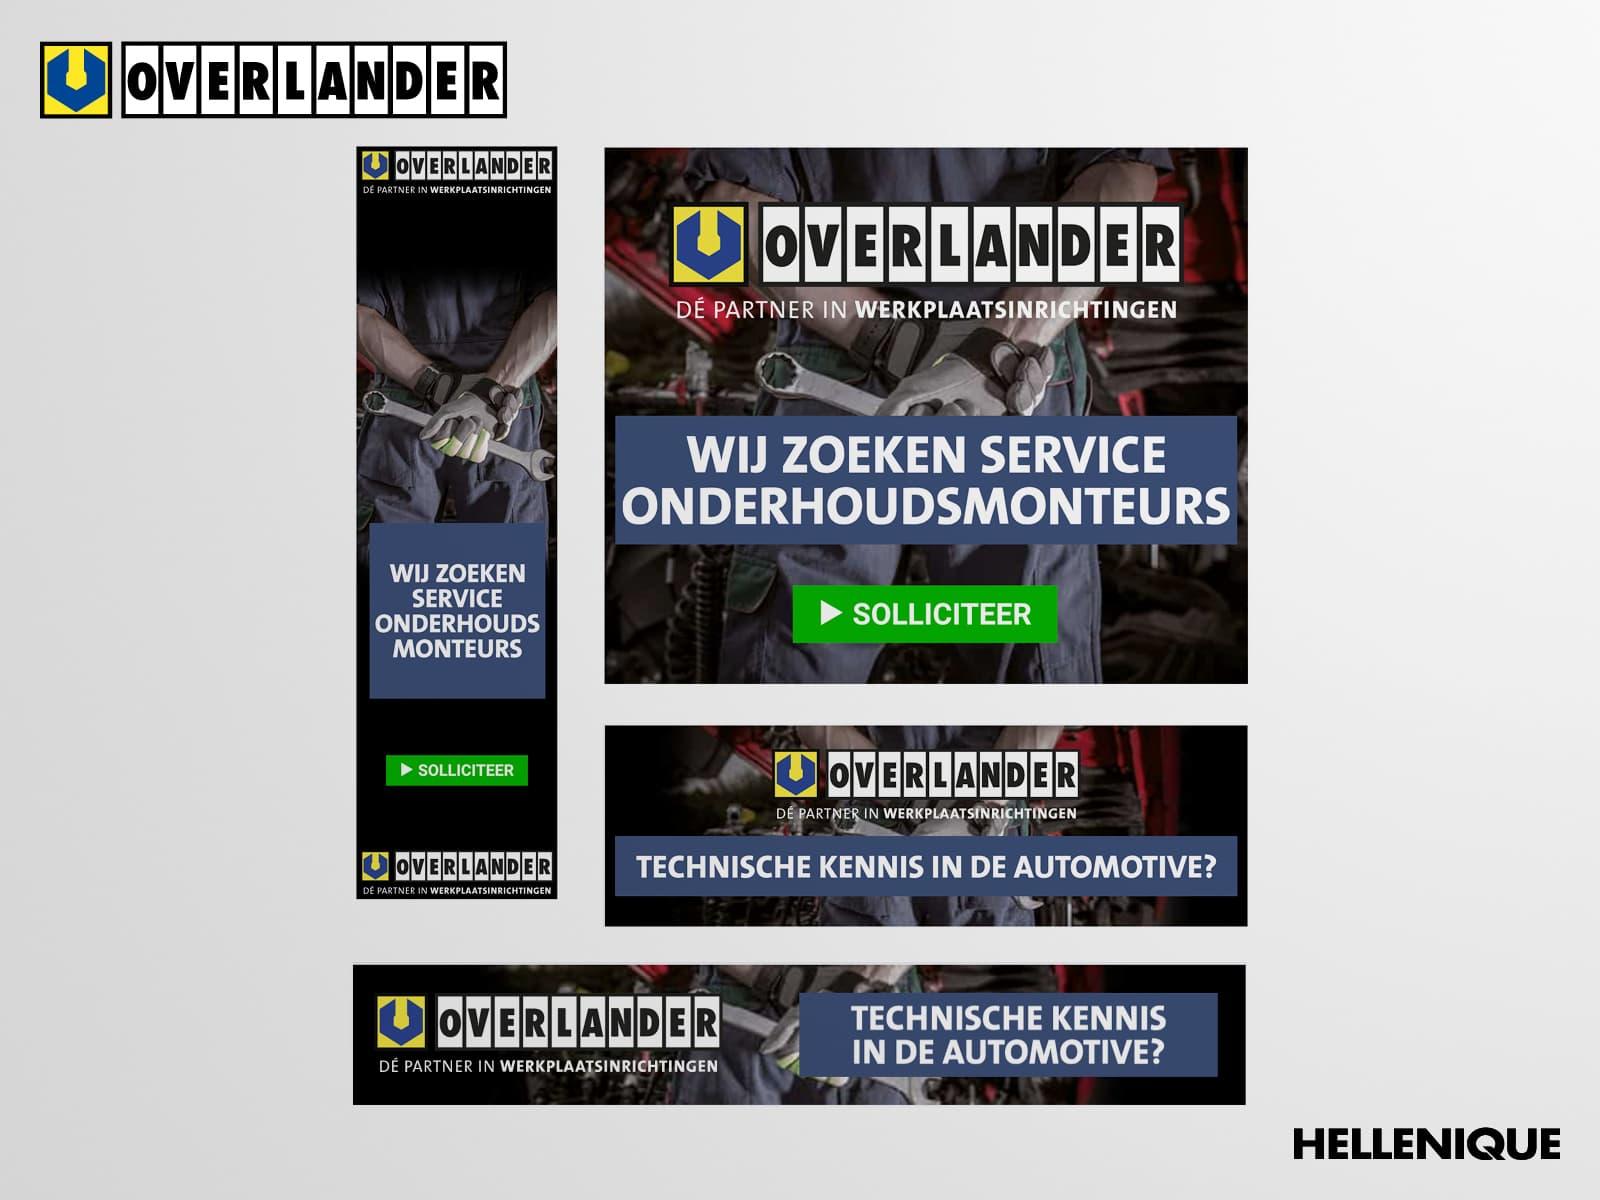 OVERLANDER B.V. ONLINE PERSONEELSWERVING 6